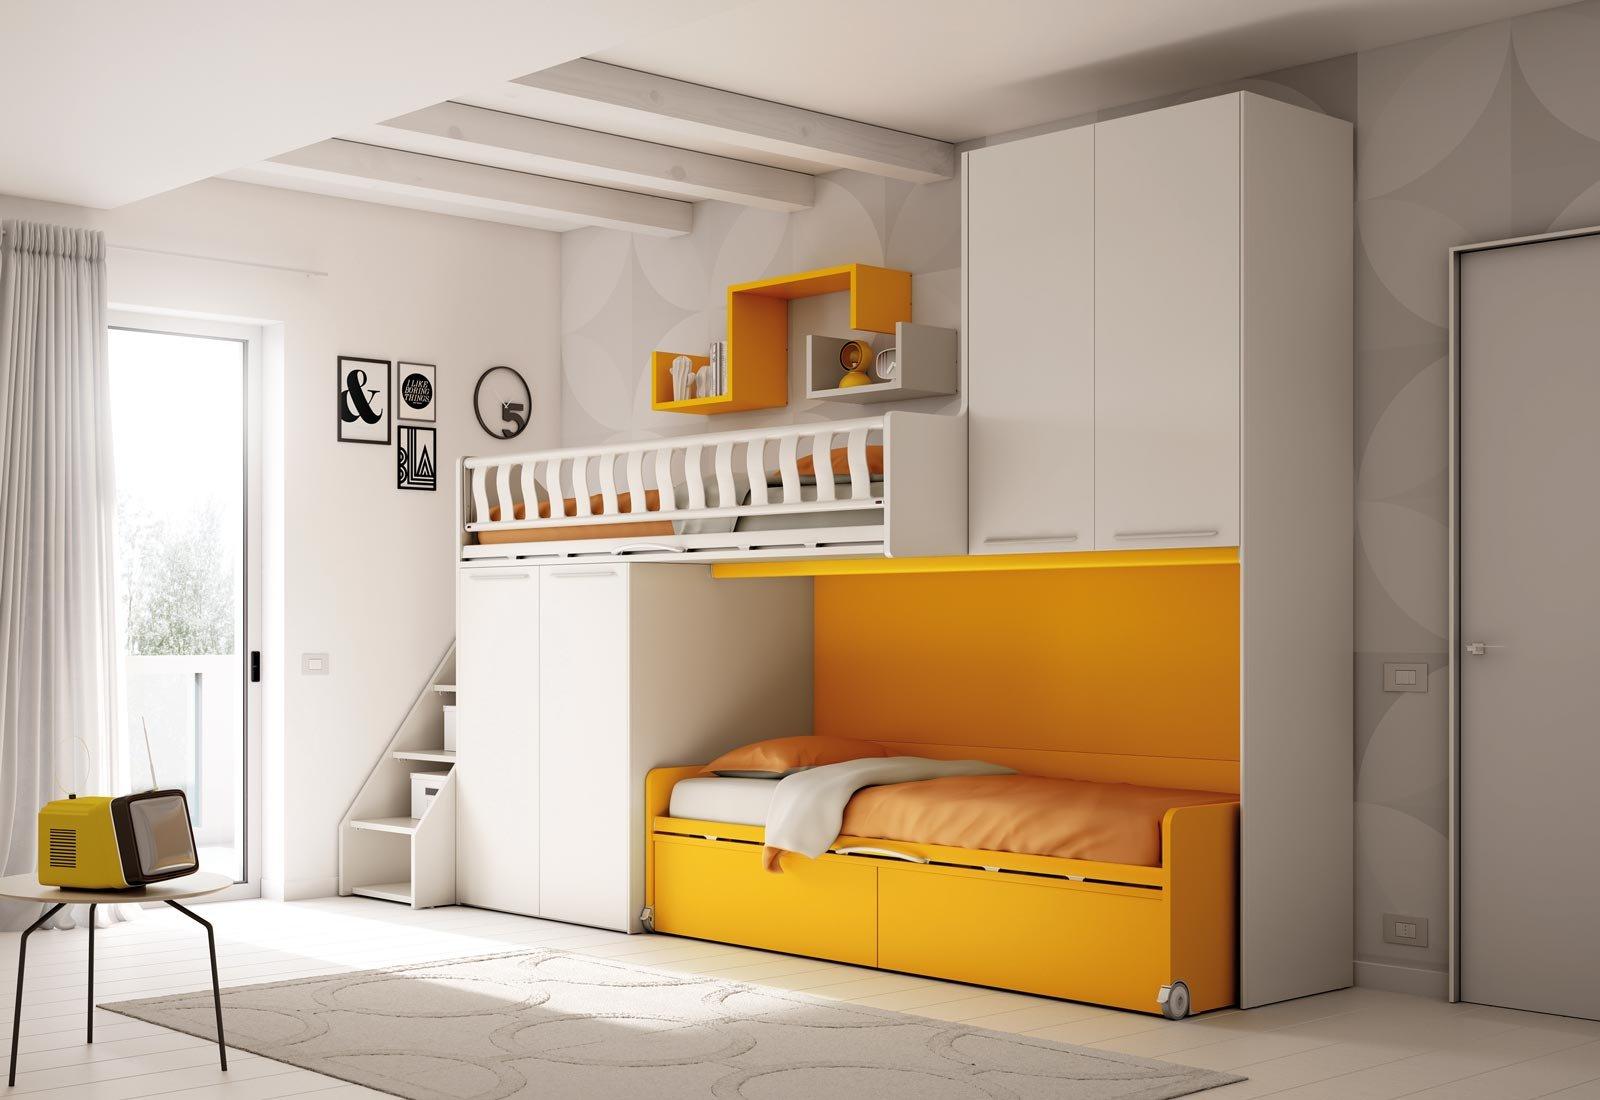 Scegliere la cameretta 14 soluzioni per tutti gli spazi cose di casa - Letto moretti compact ...